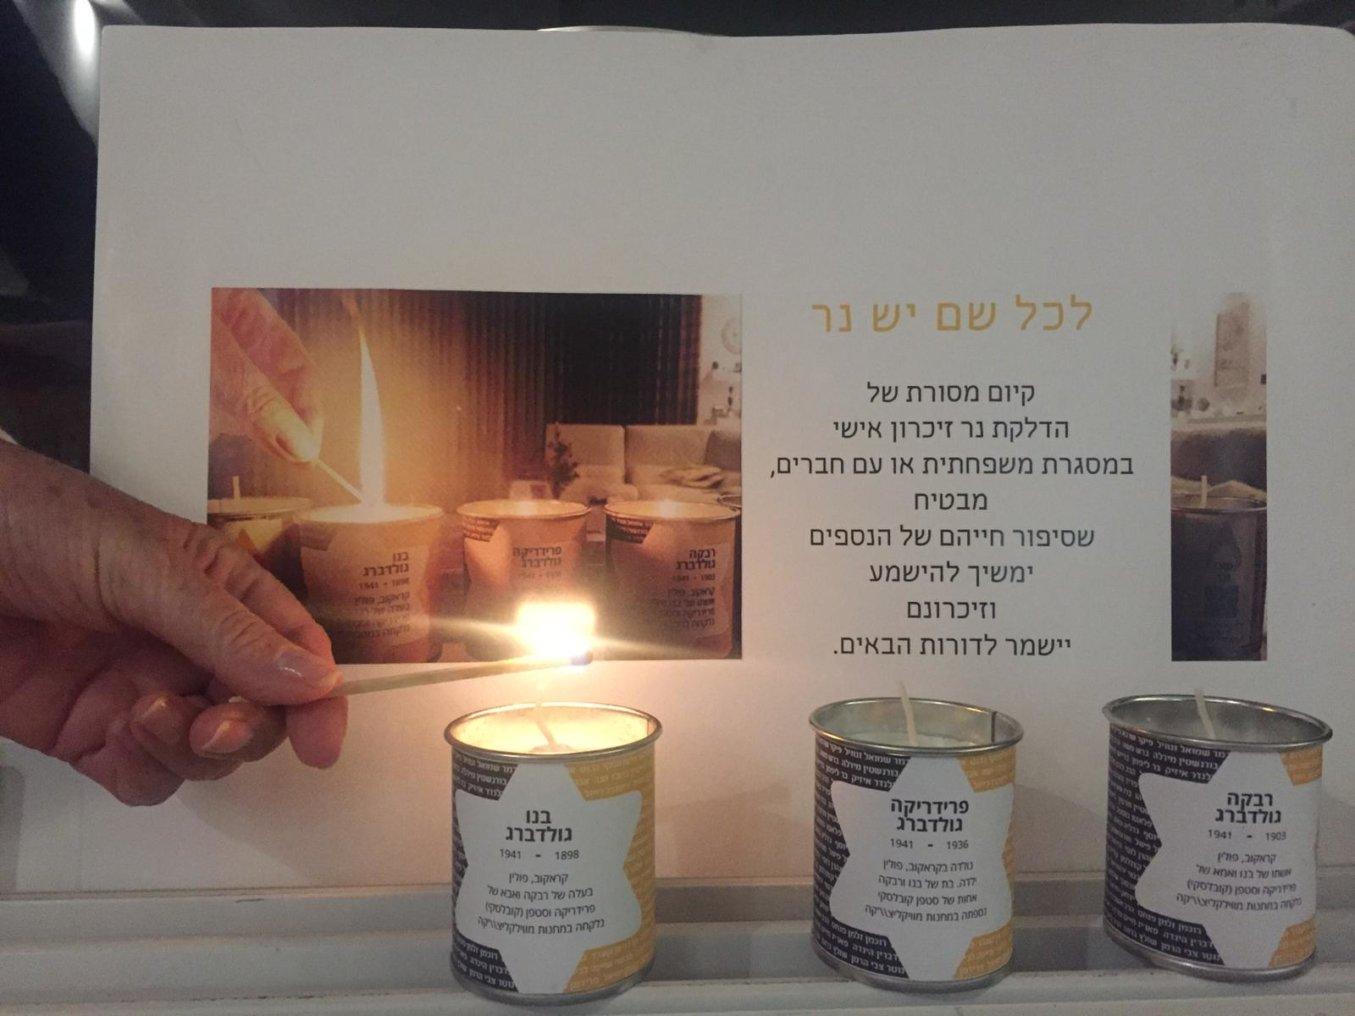 הדלקת נרות זיכרון אישיים בירושלים